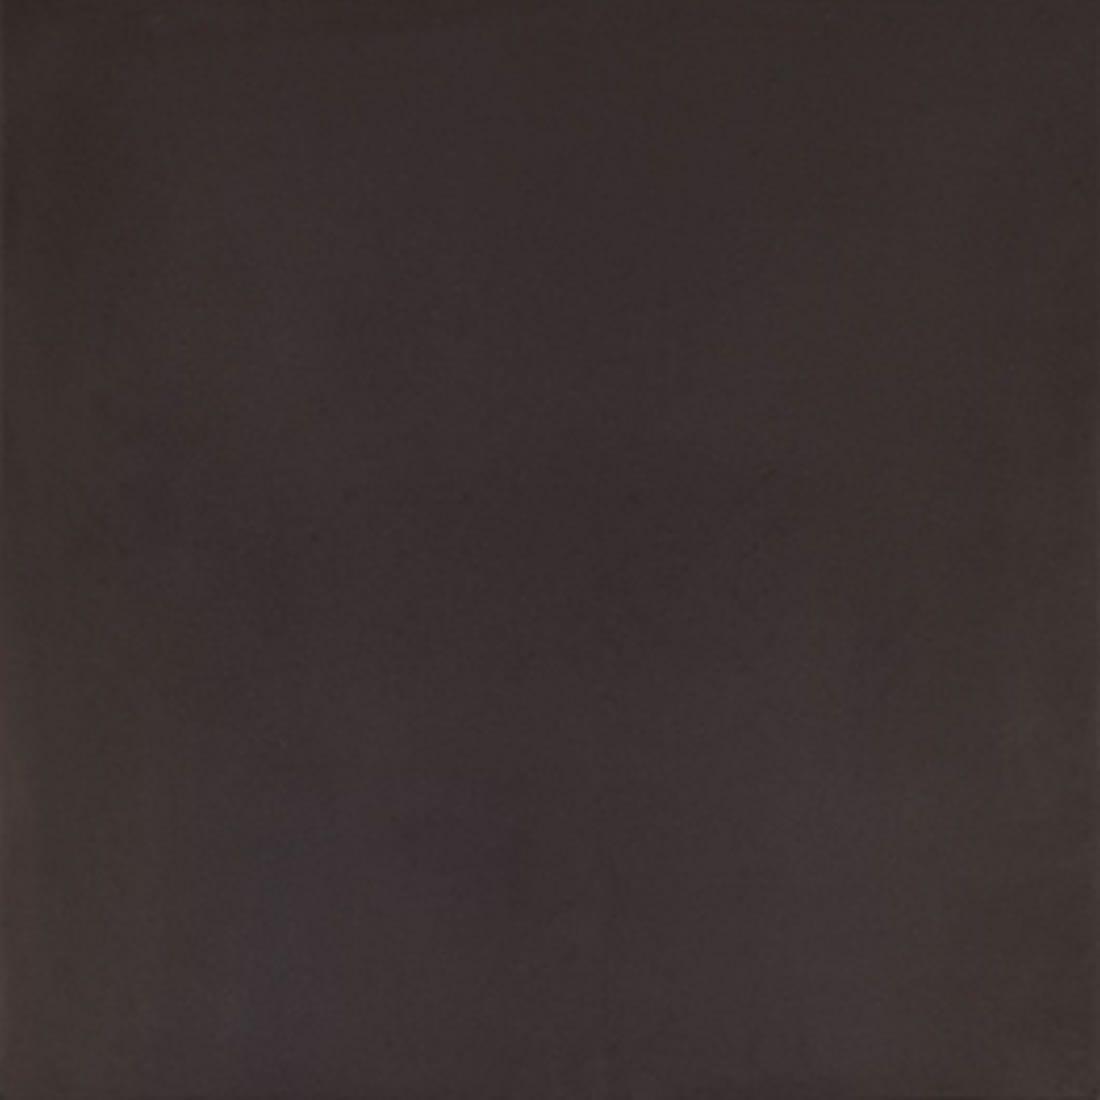 Porcelanato Elizabeth Black Natural Escovado 62,5x62,5